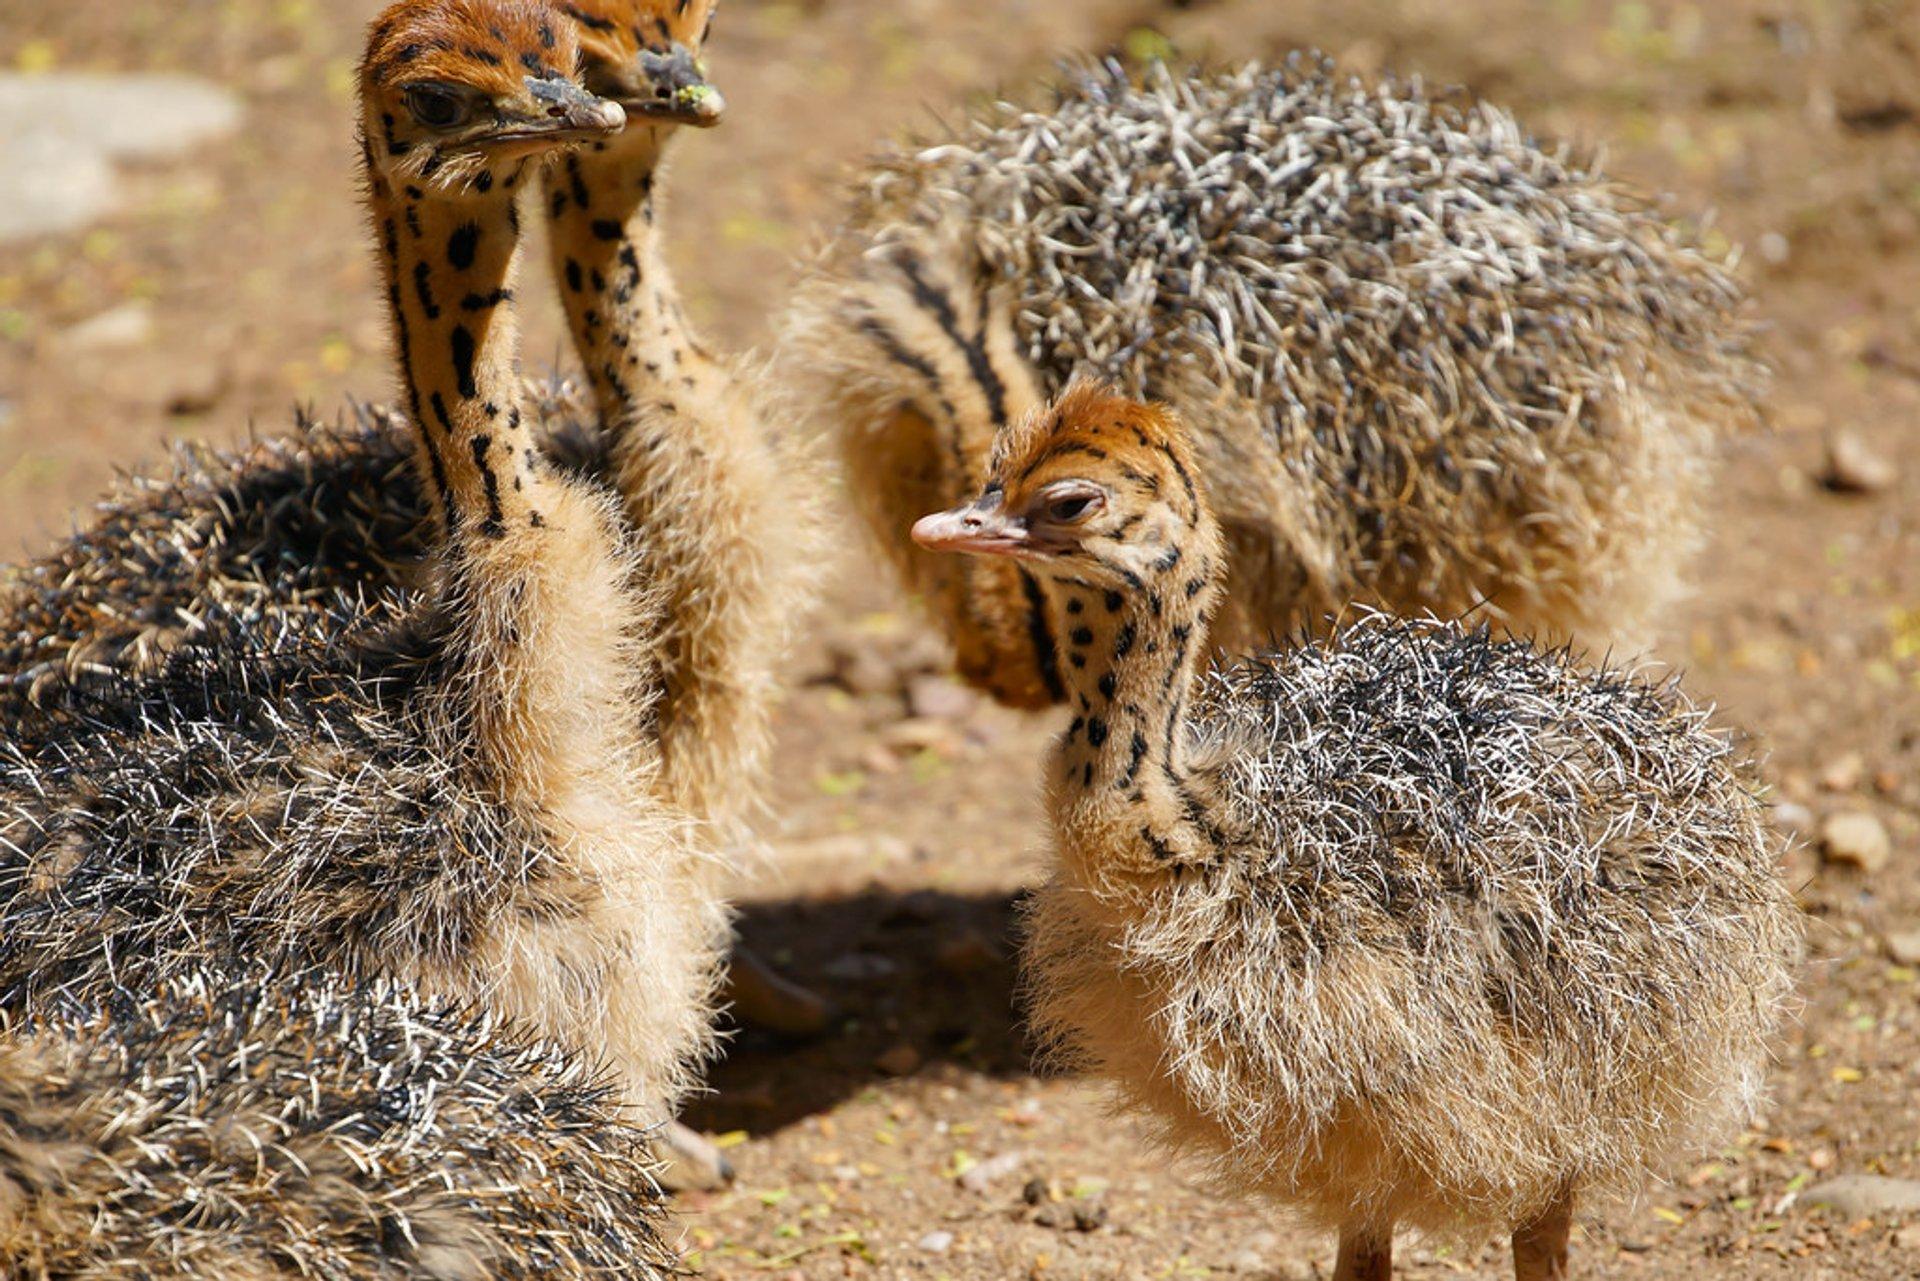 Baby ostriches 2020